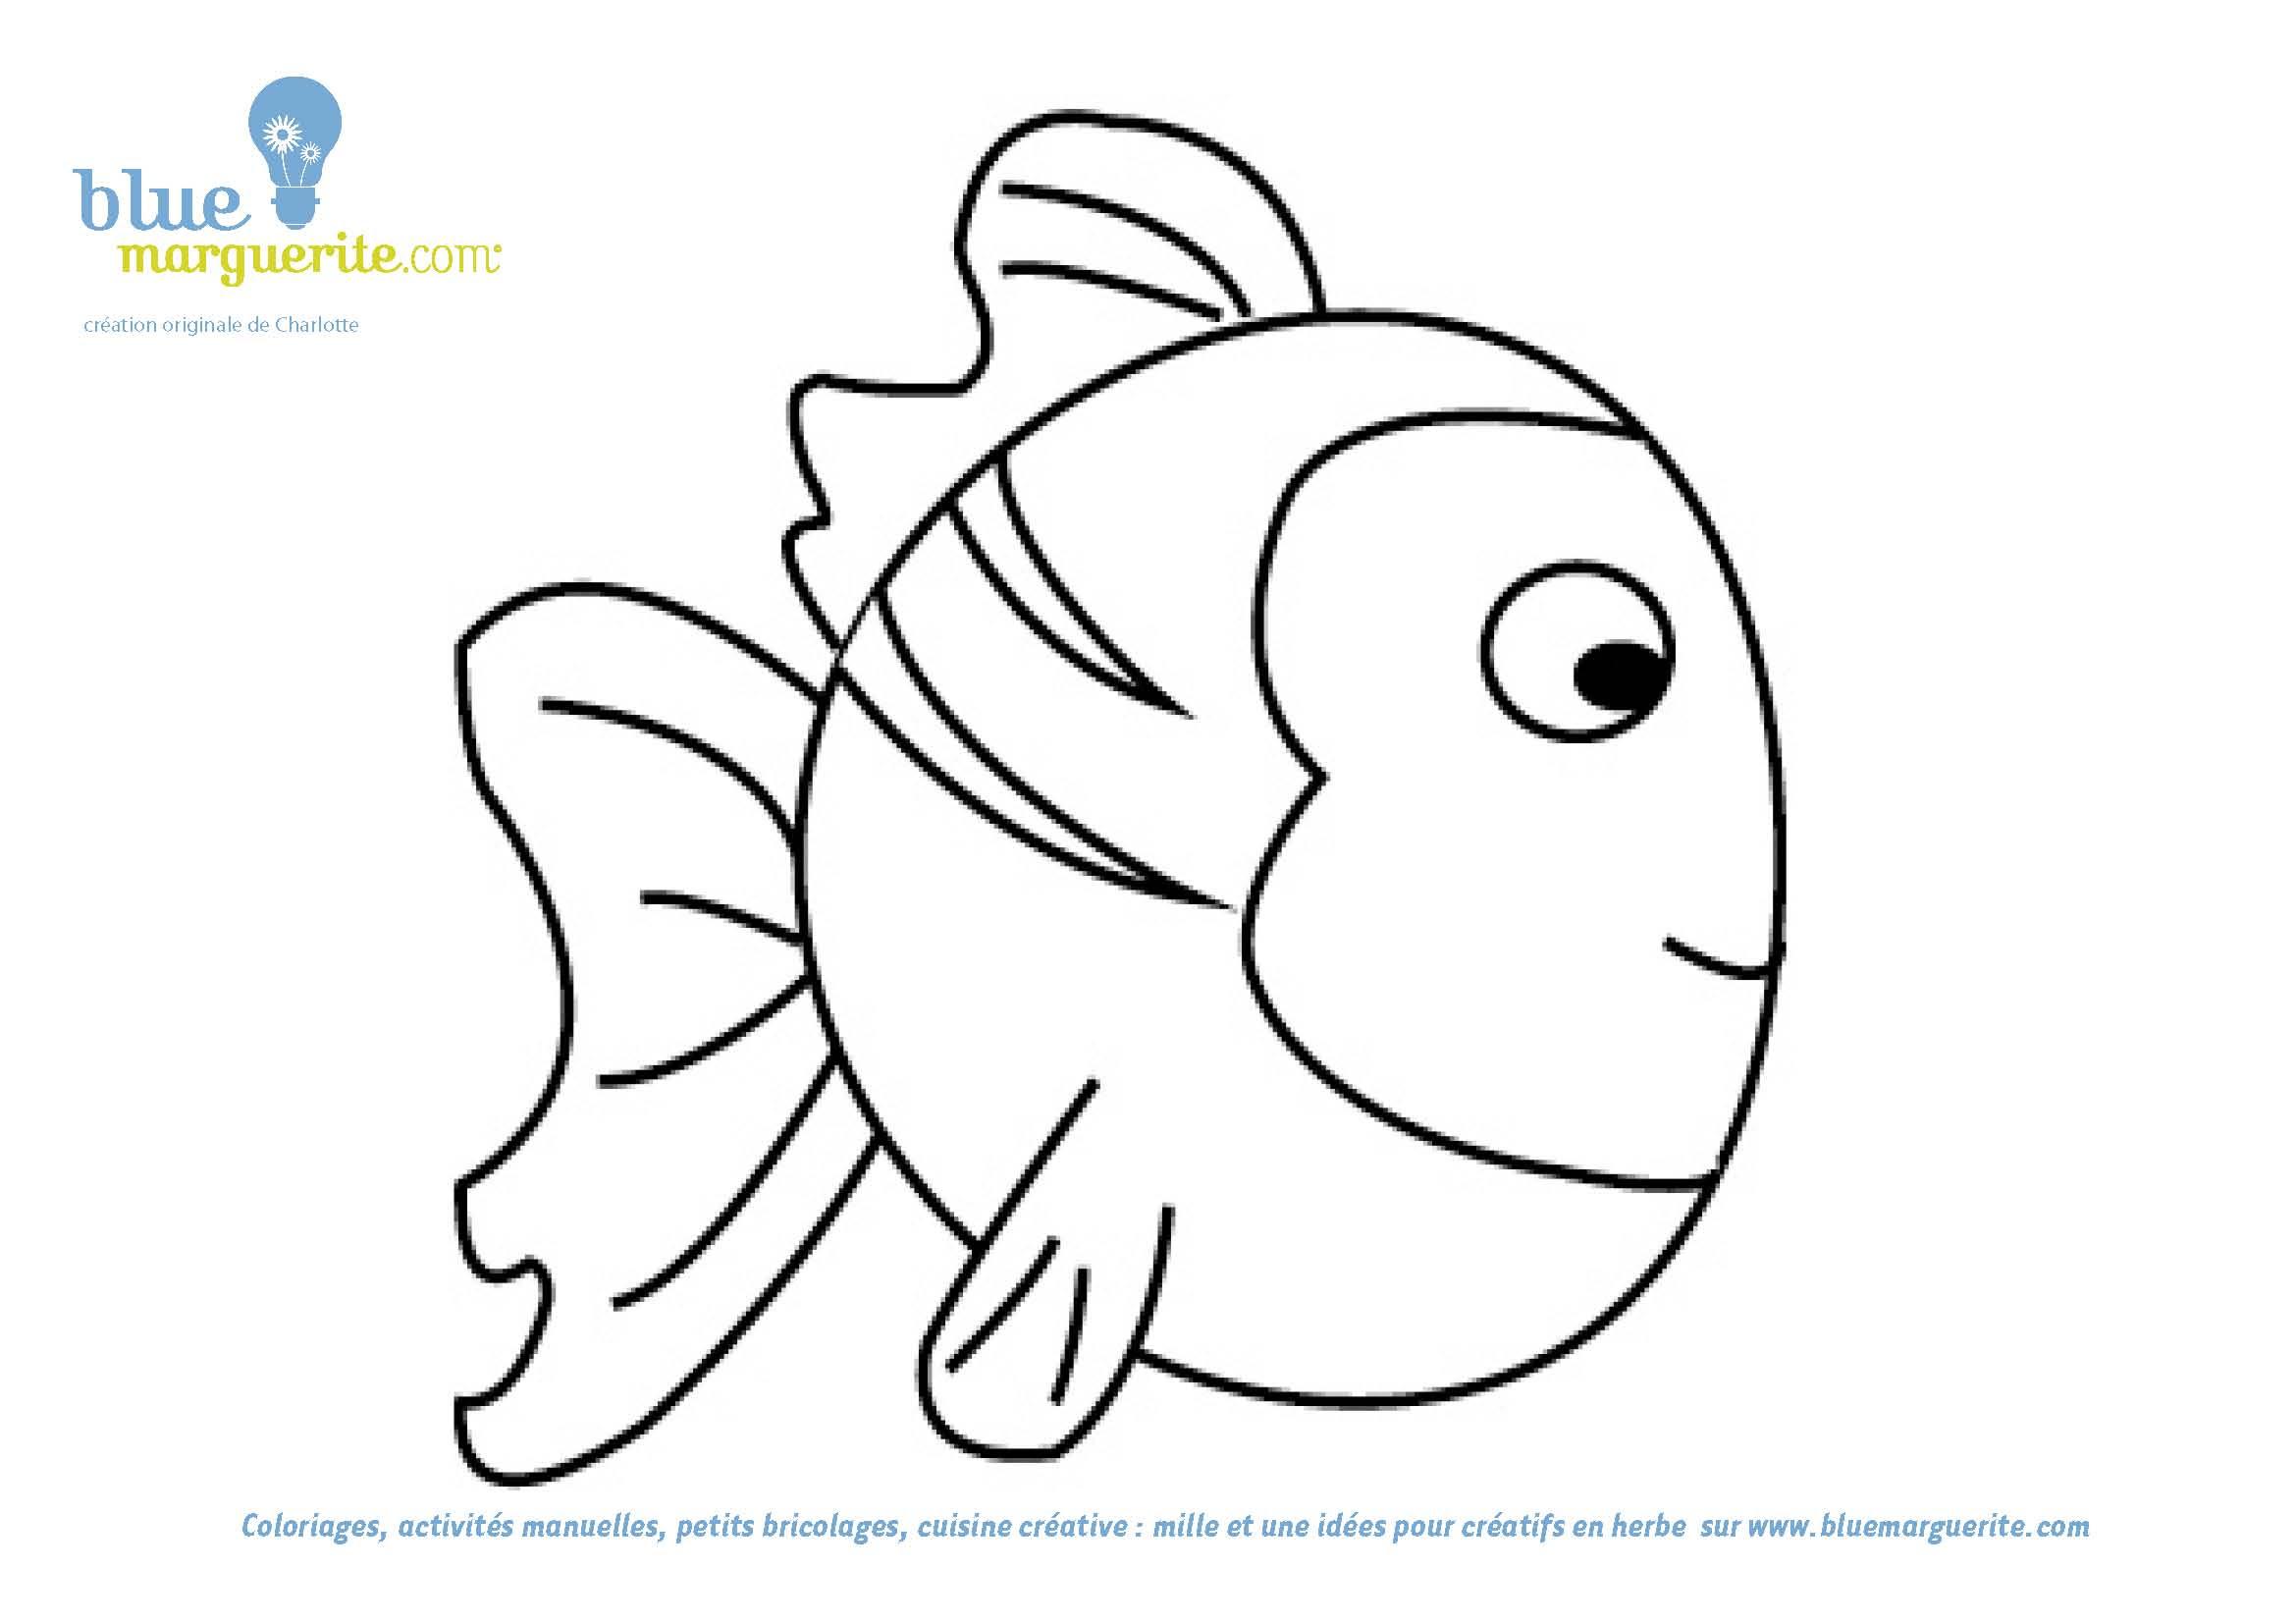 106 Dibujos De Pescado Para Colorear Oh Kids Page 5